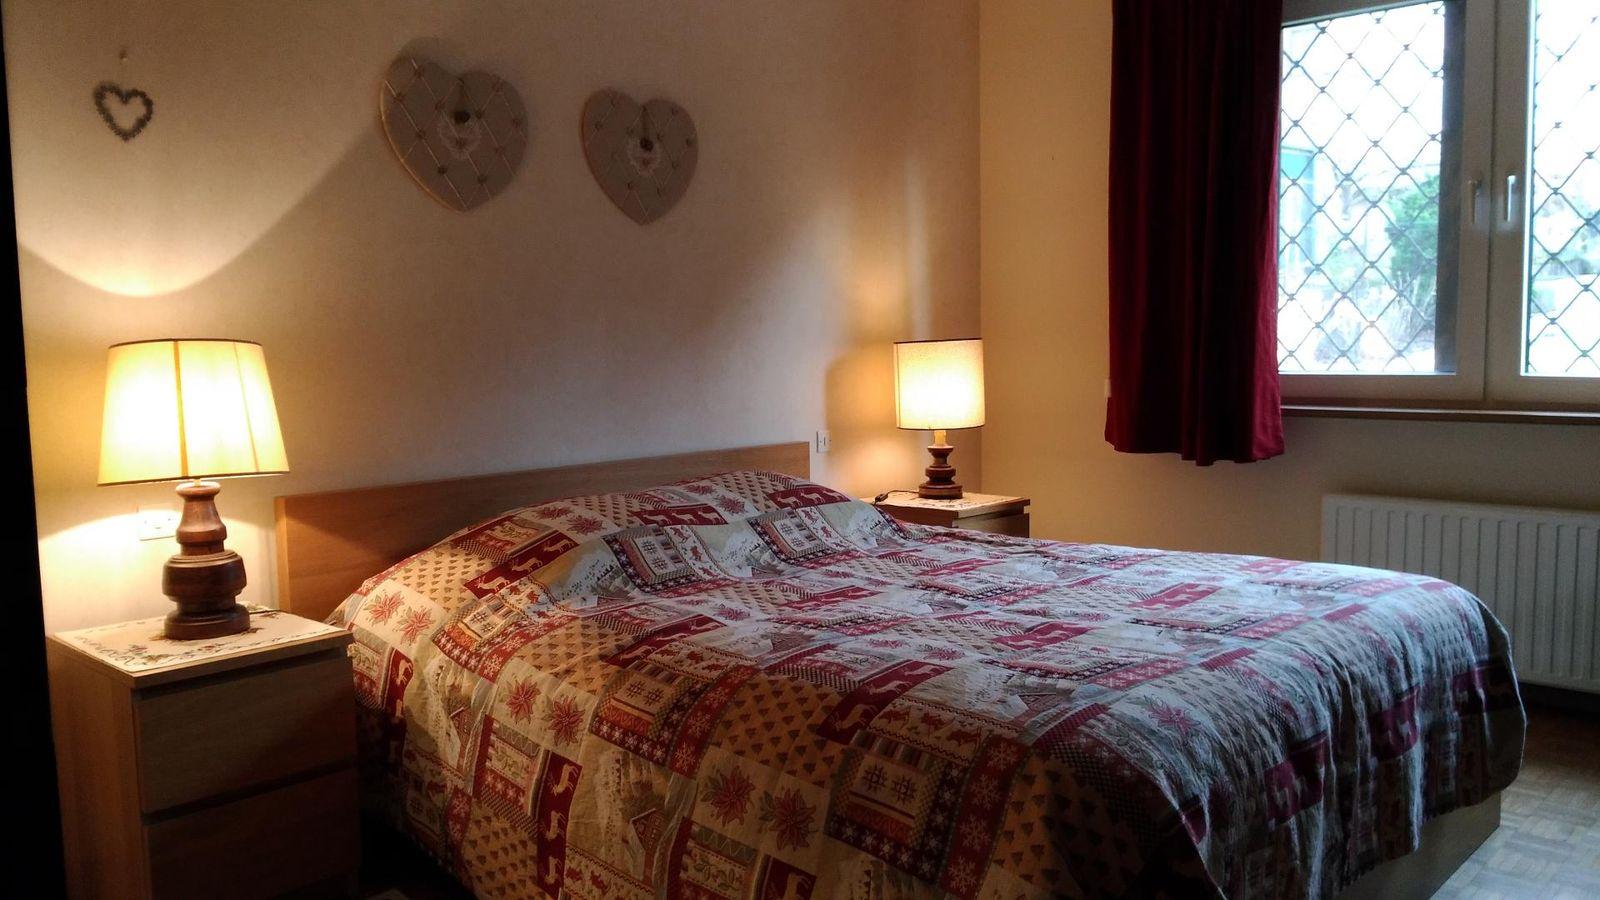 Chambre 1, Lit double 160cm x 200cm draps fournis, lits faits à l'arrivée